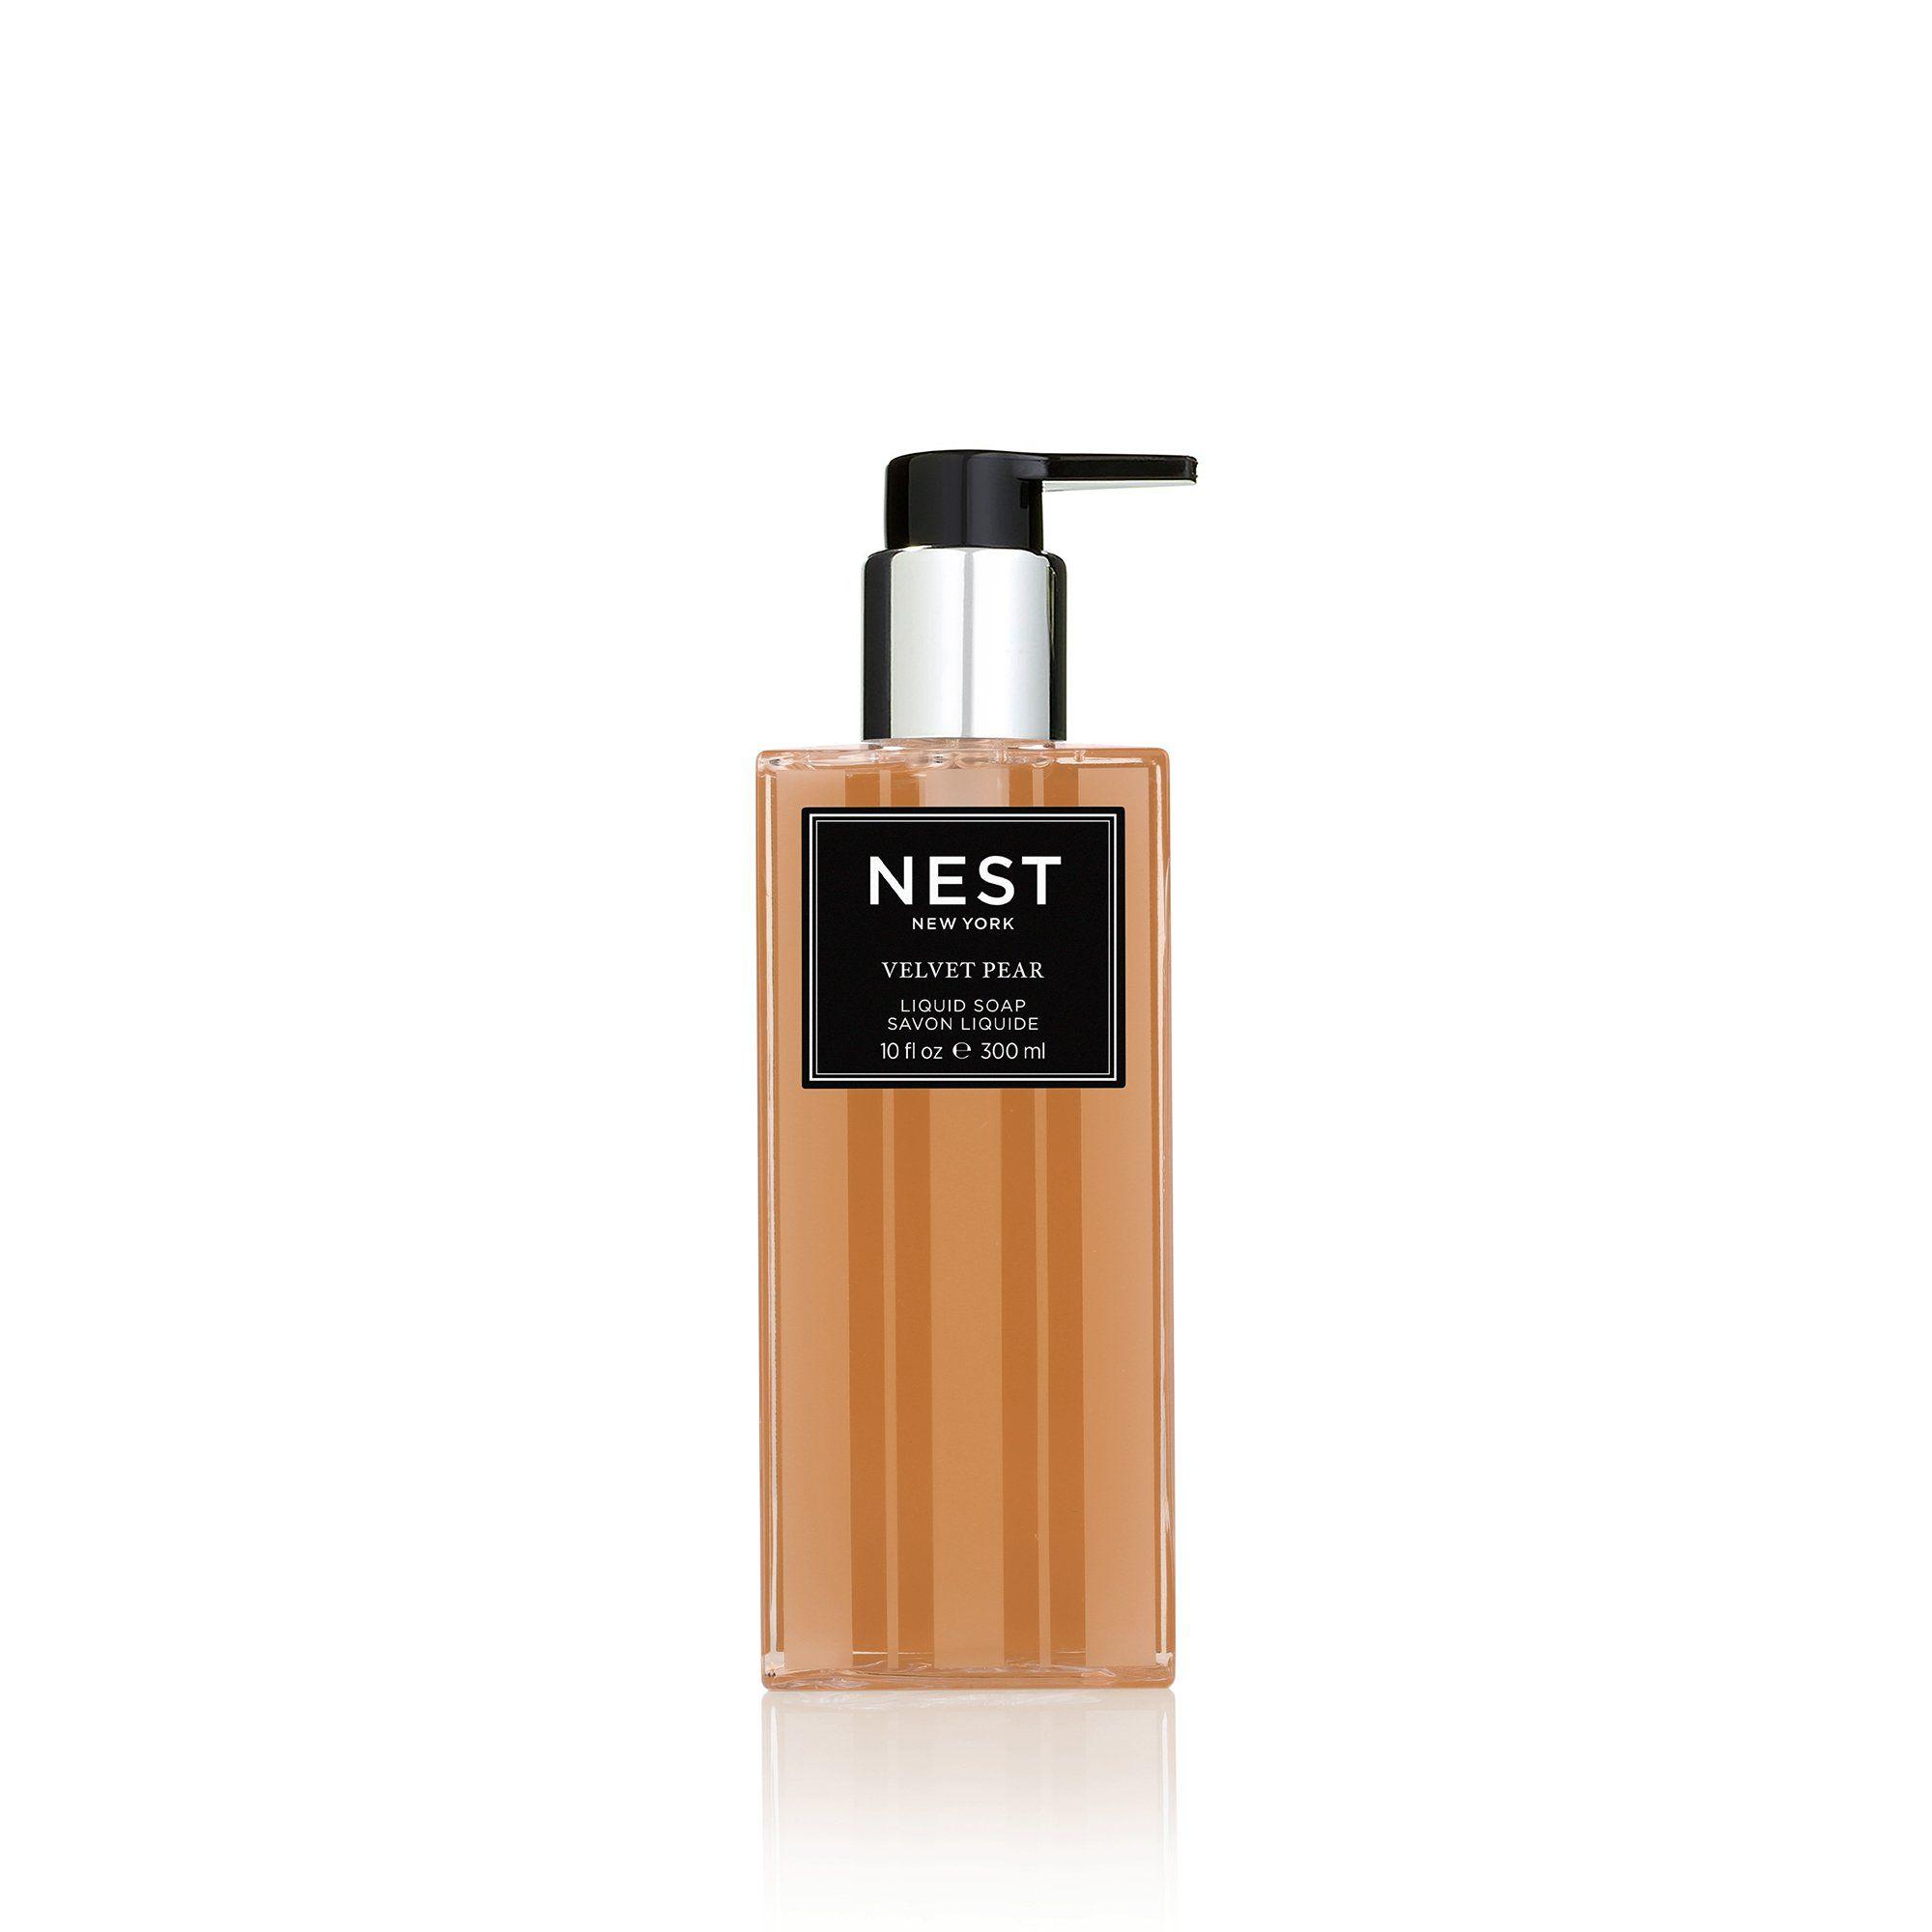 Velvet Pear Liquid Soap